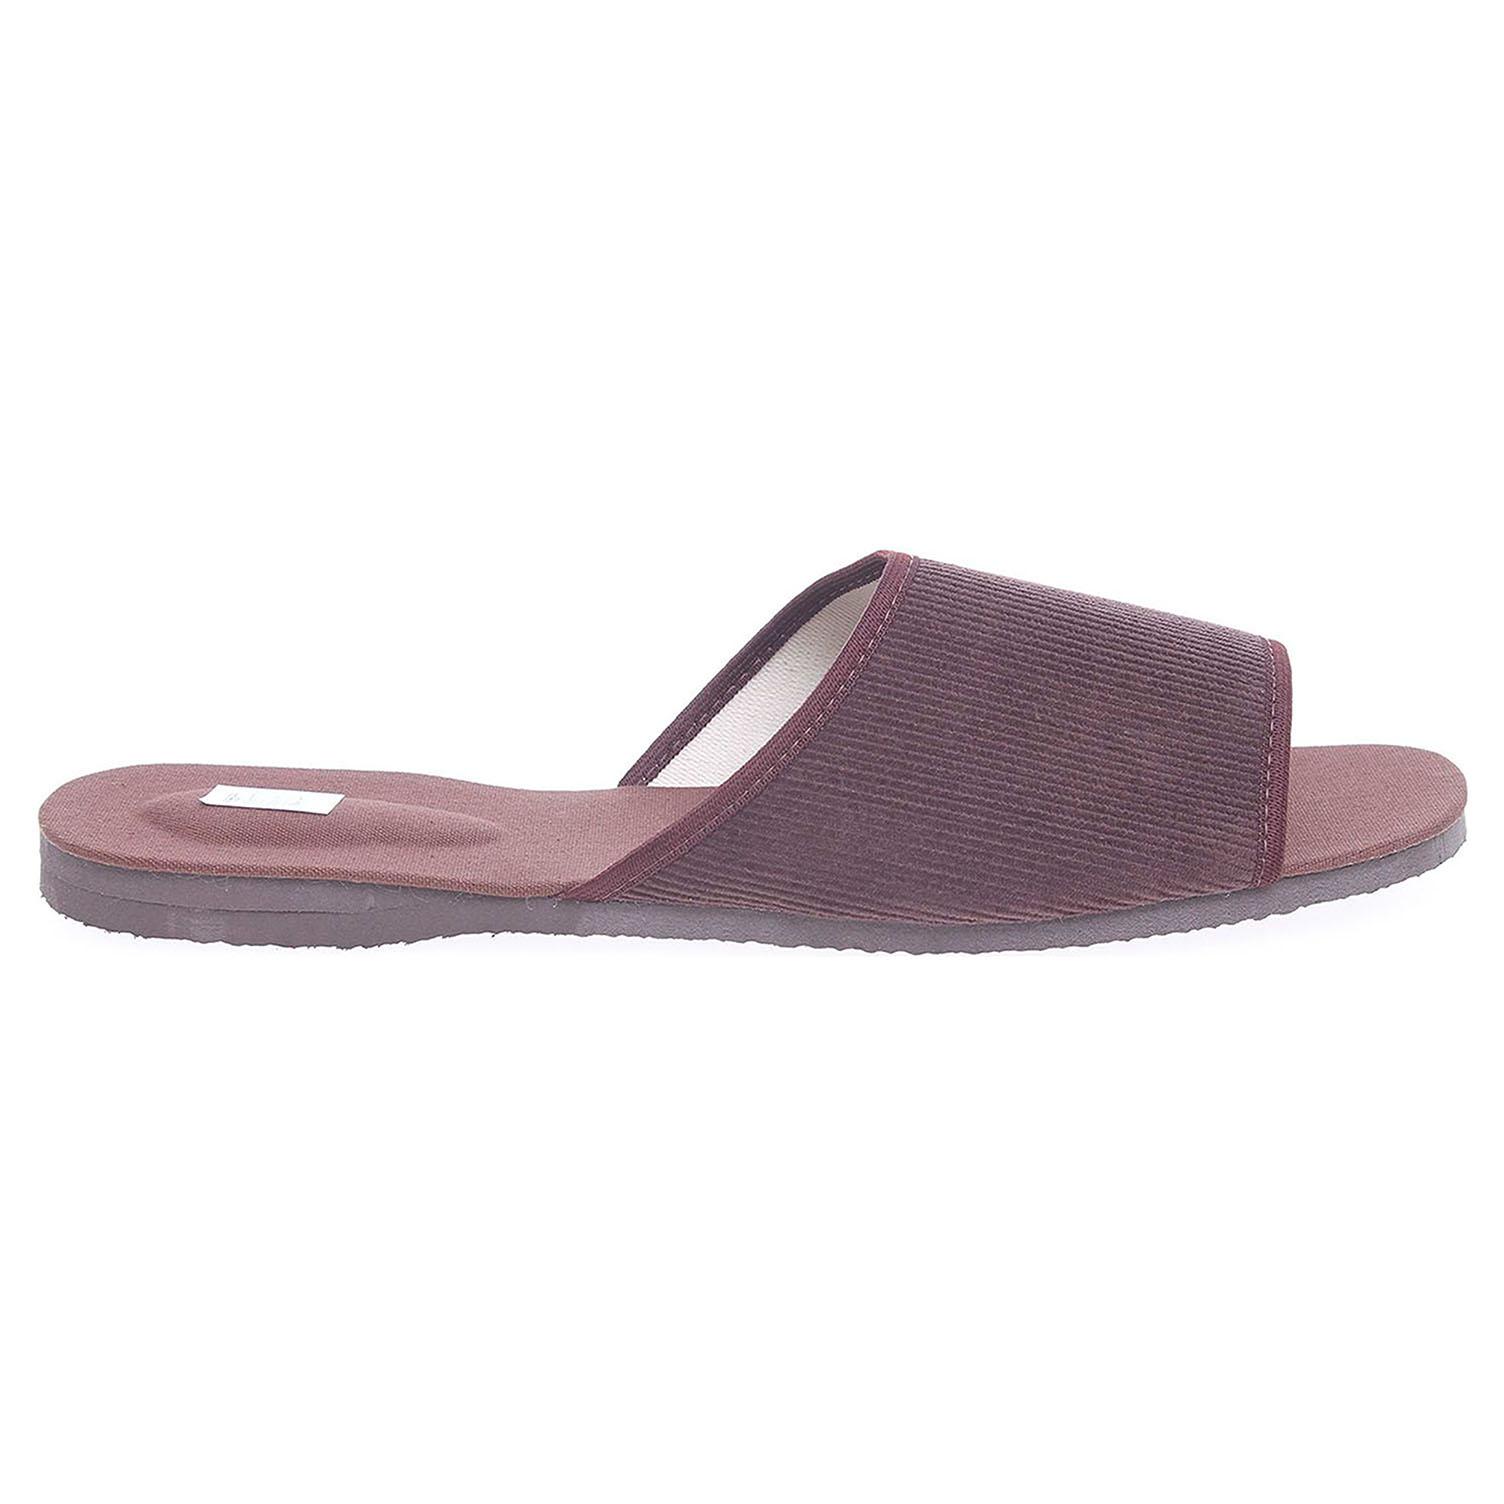 Ecco Pánské domácí pantofle hnědé 3009.00 24800252